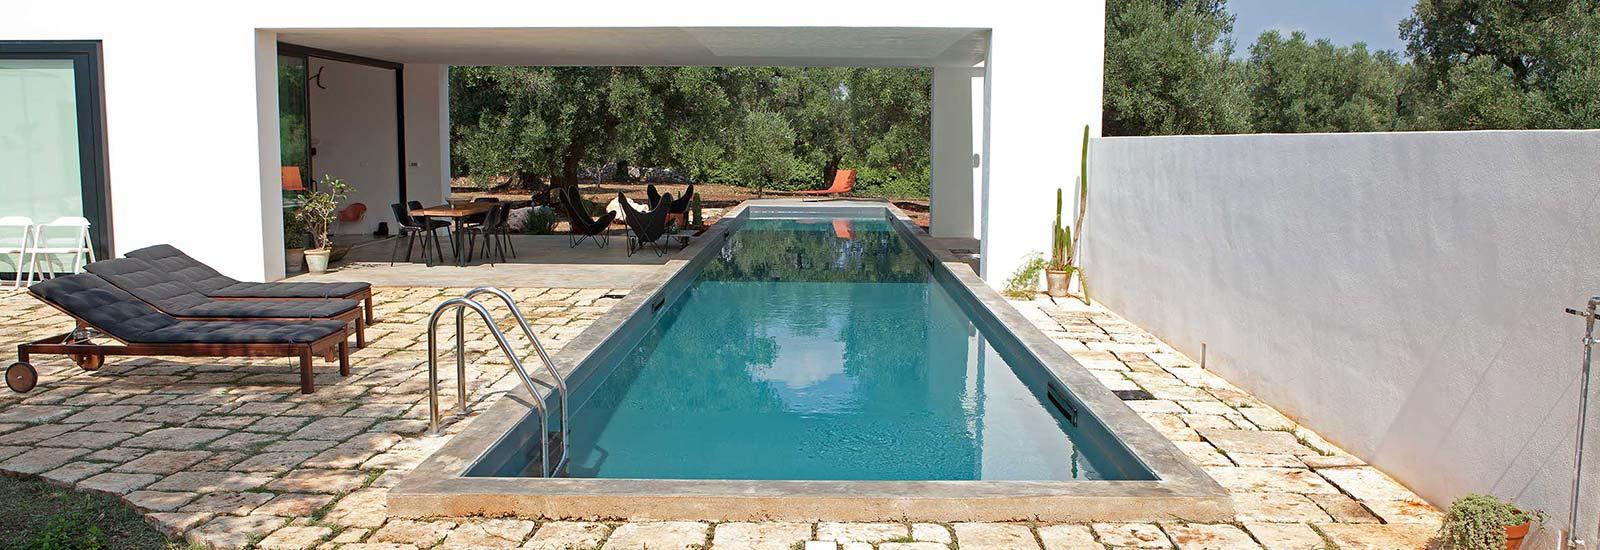 piscina-1-slide